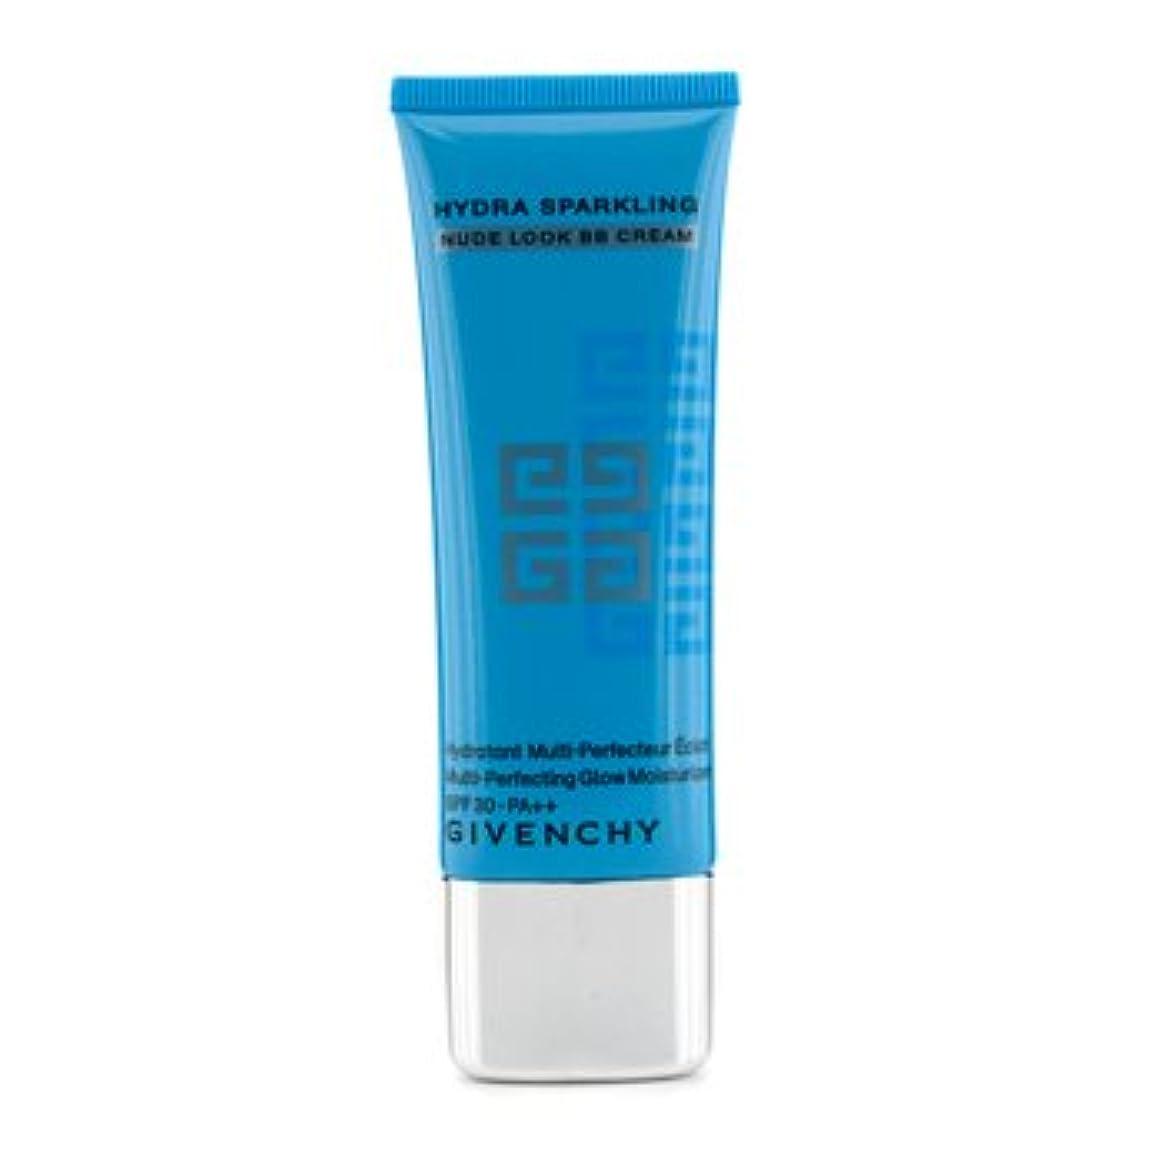 高原上流の虫を数える[Givenchy] Nude Look BB Cream Multi-Perfecting Glow Moisturizer SPF 30 PA++ 40ml/1.35oz